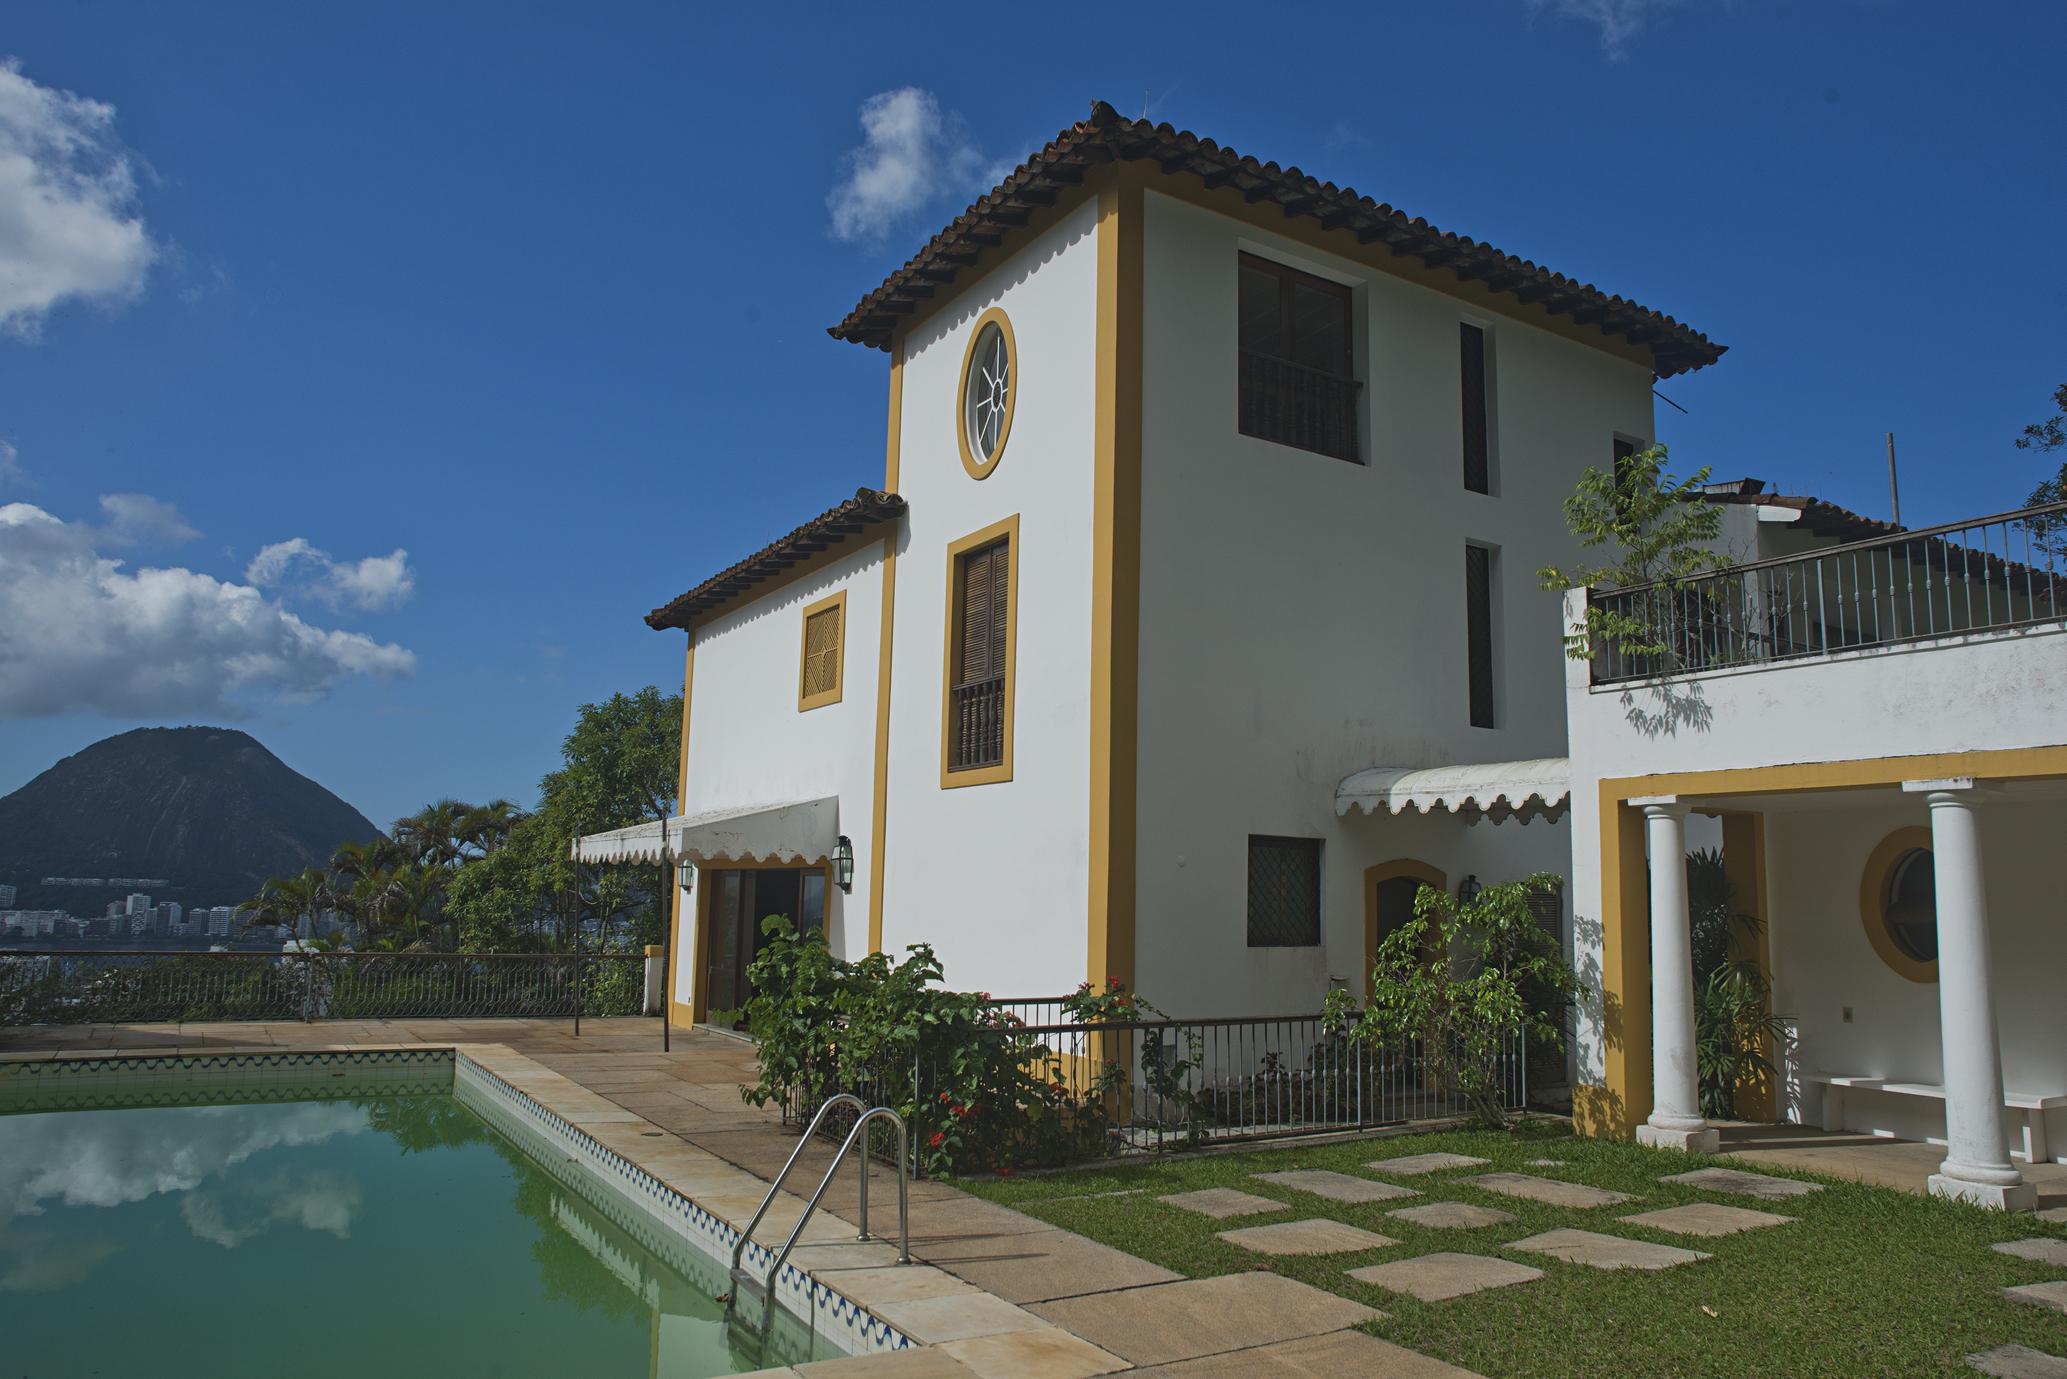 Частный односемейный дом для того Продажа на Amazing Historic Property Rua Sara Vilela Rio De Janeiro, Рио-Де-Жанейро, 22460180 Бразилия